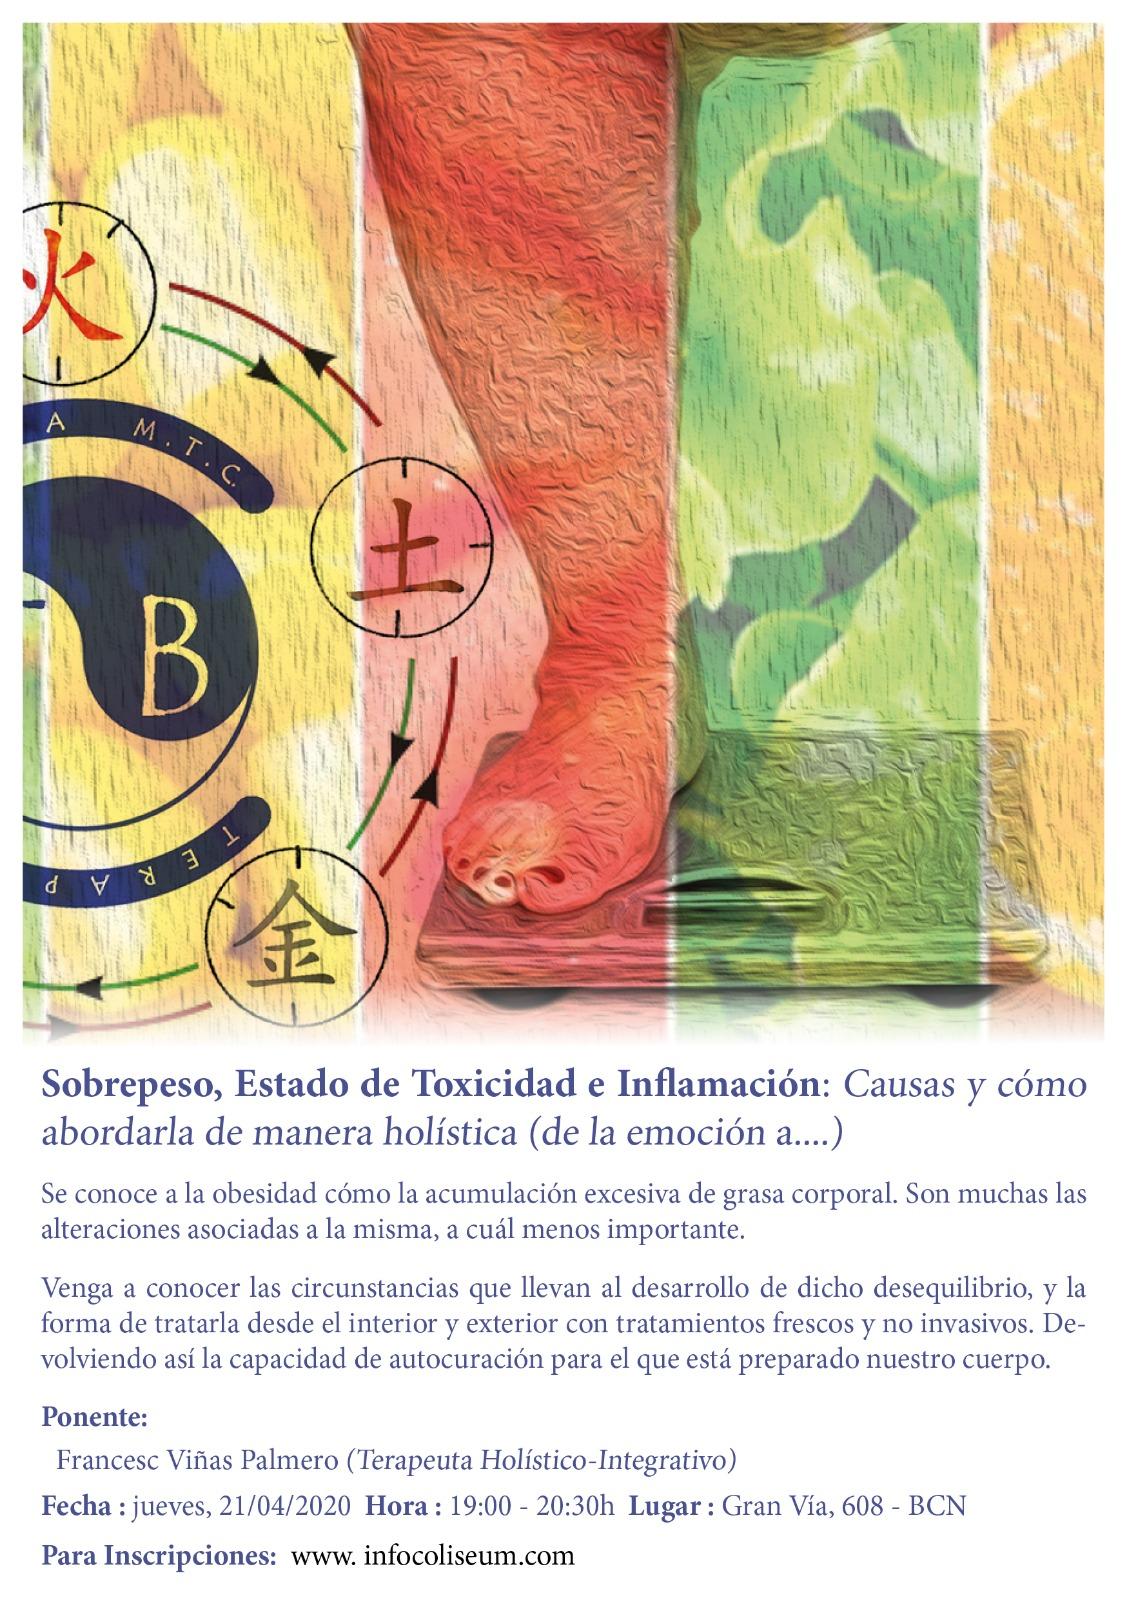 CANCELADO!! Sobrepeso, Estado de Toxicidad e inflamación: Causas y cómo abordarla